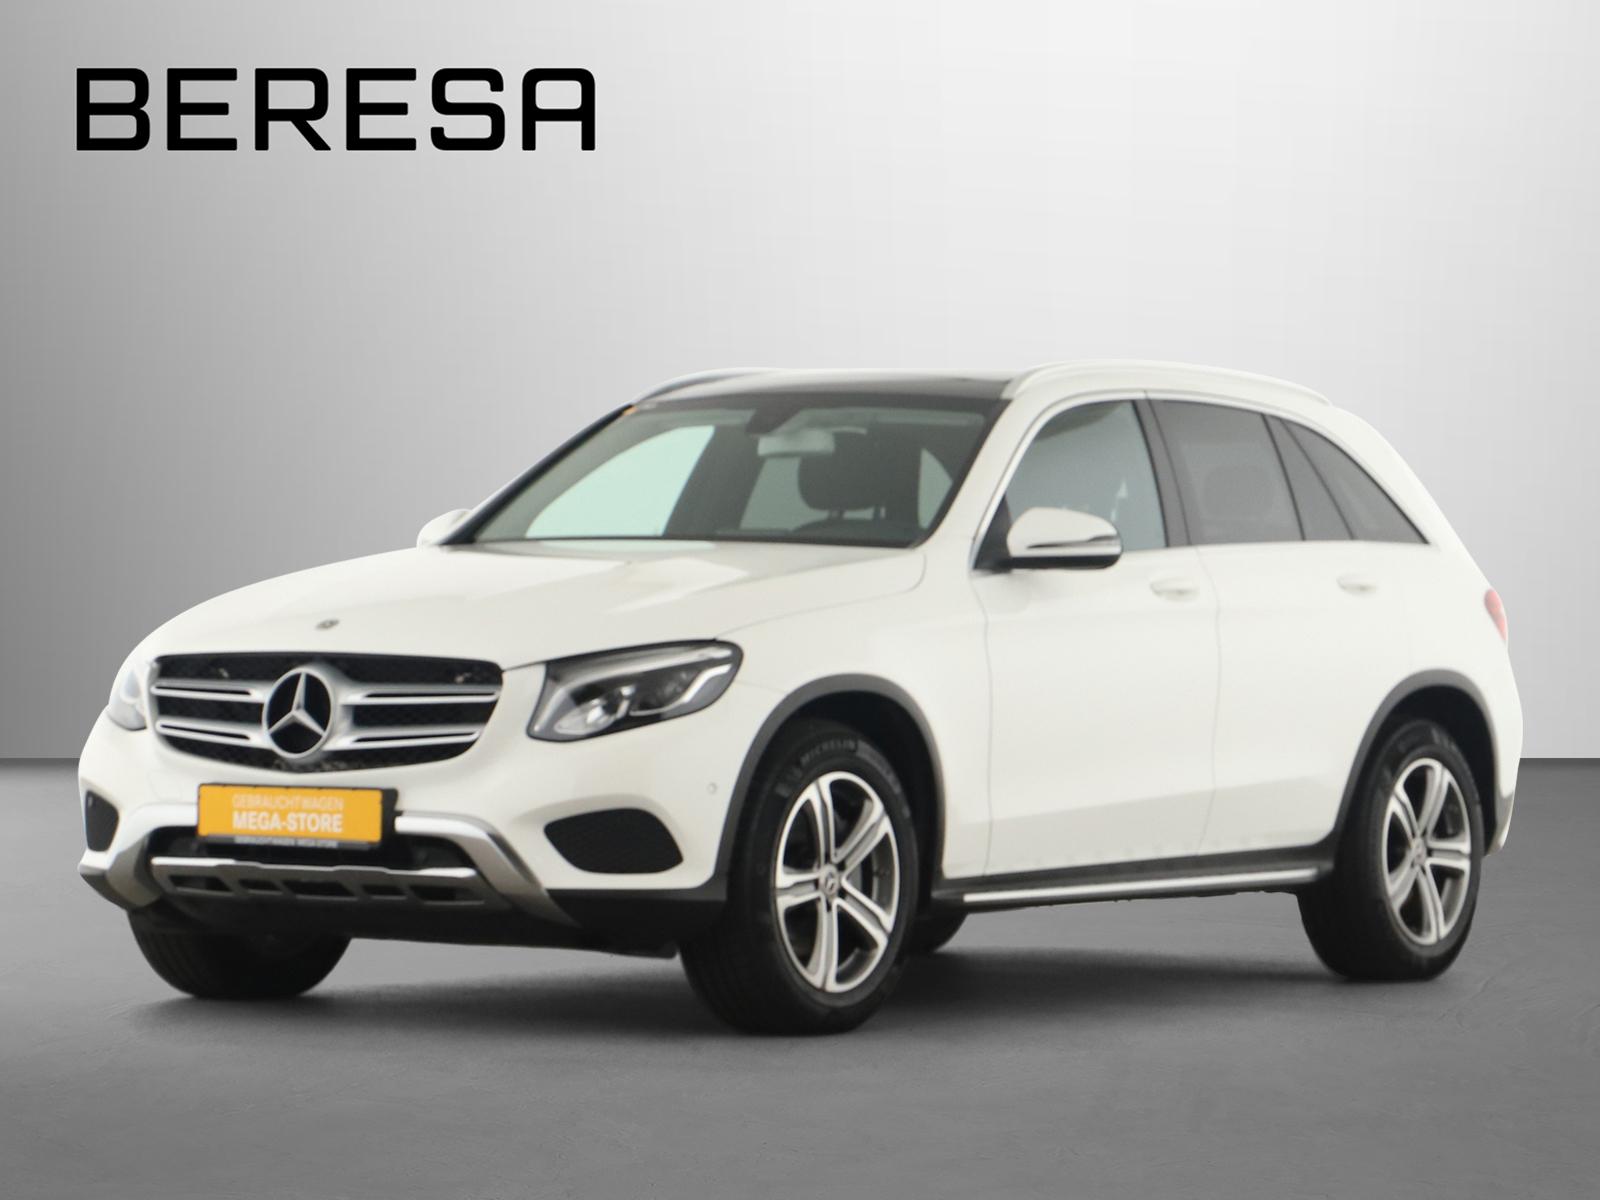 Mercedes-Benz GLC 220 d 4M Pano.-Dach LED Navi PDC, Jahr 2017, Diesel